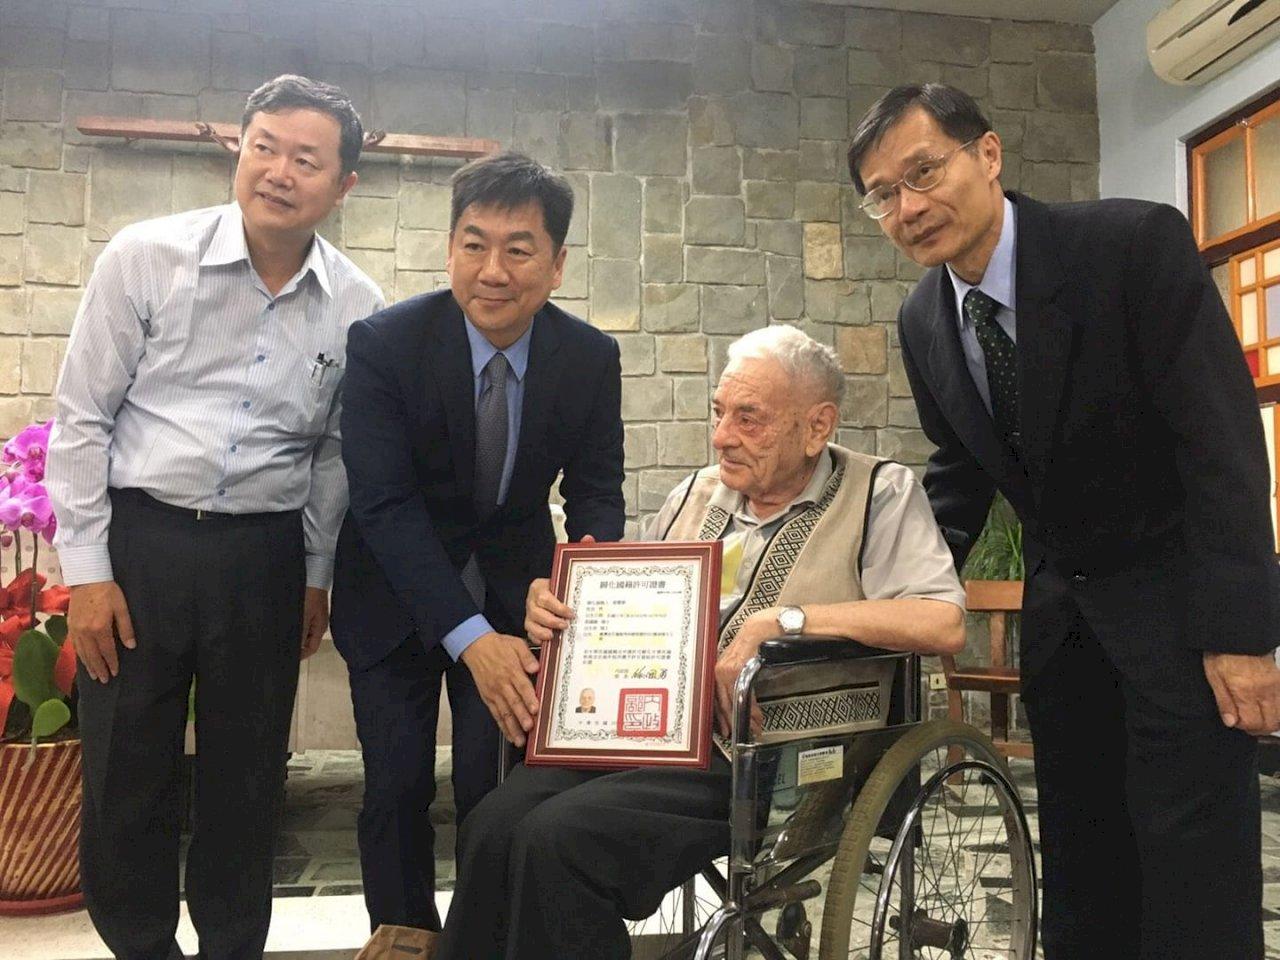 來台關懷原民57年 瑞士籍神父雷震華取得身分證